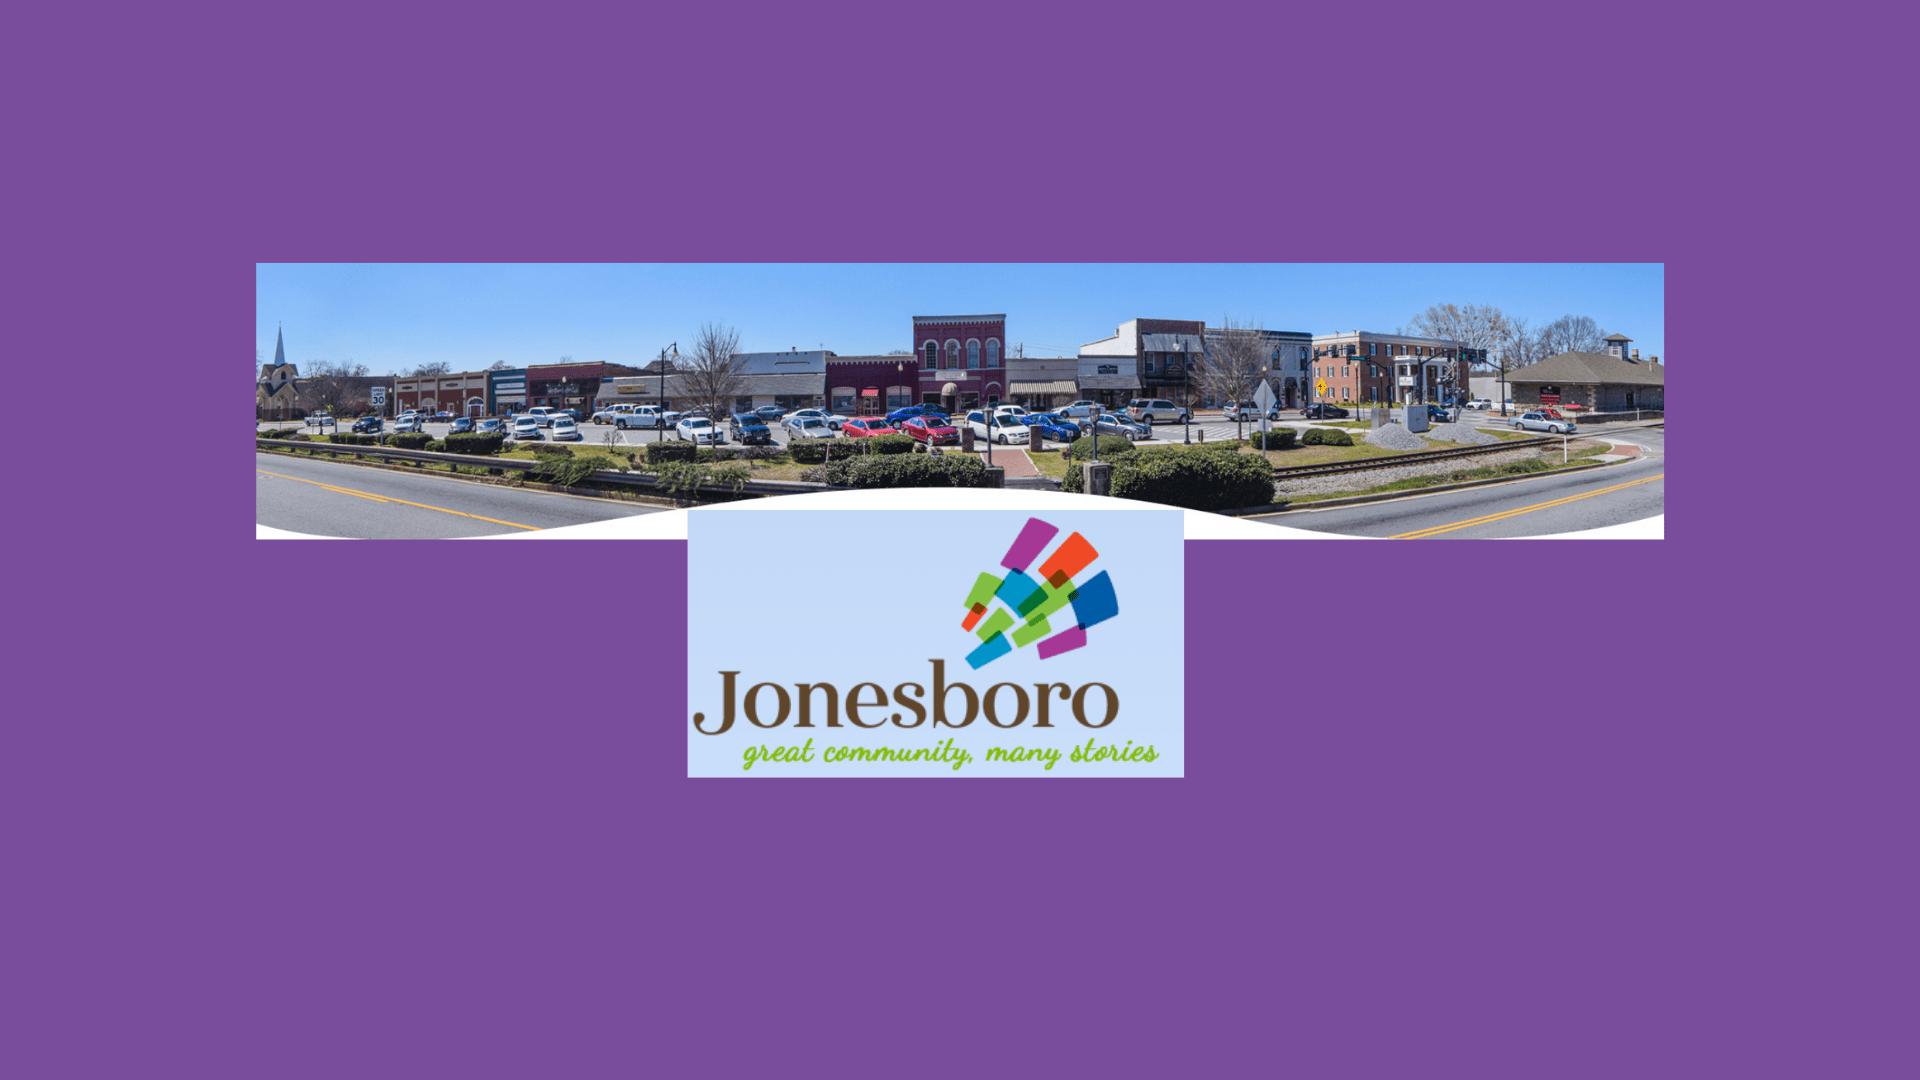 main street view of Jonesboro, GA